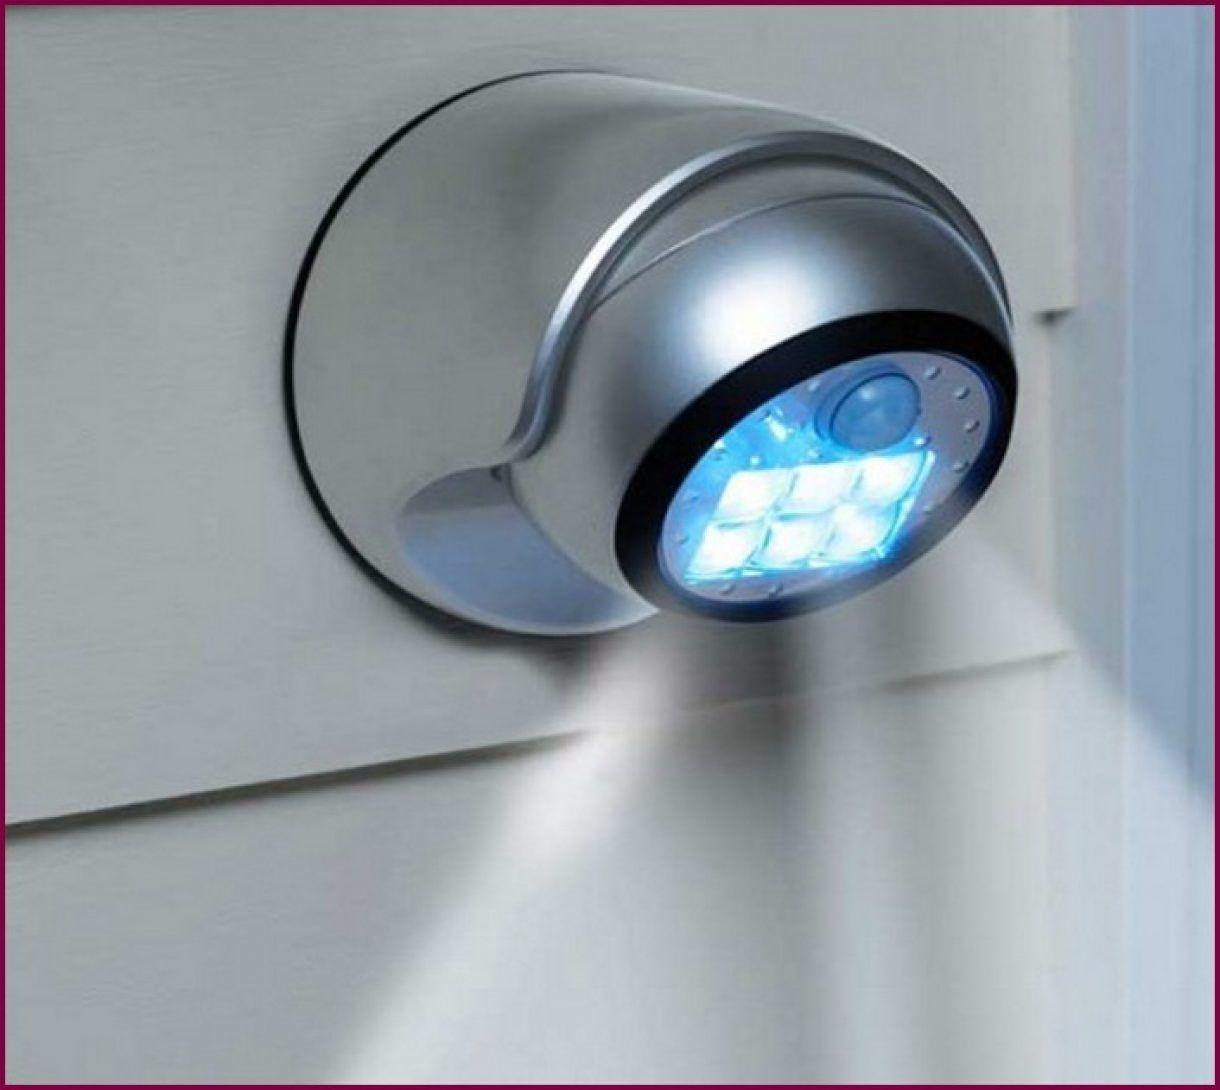 Wireless Motion Sensor Lights Reviews Battery Motion Sensor Light Outdoor With Images Motion Sensor Lights Motion Sensor Lights Outdoor Sensor Lights Outdoor